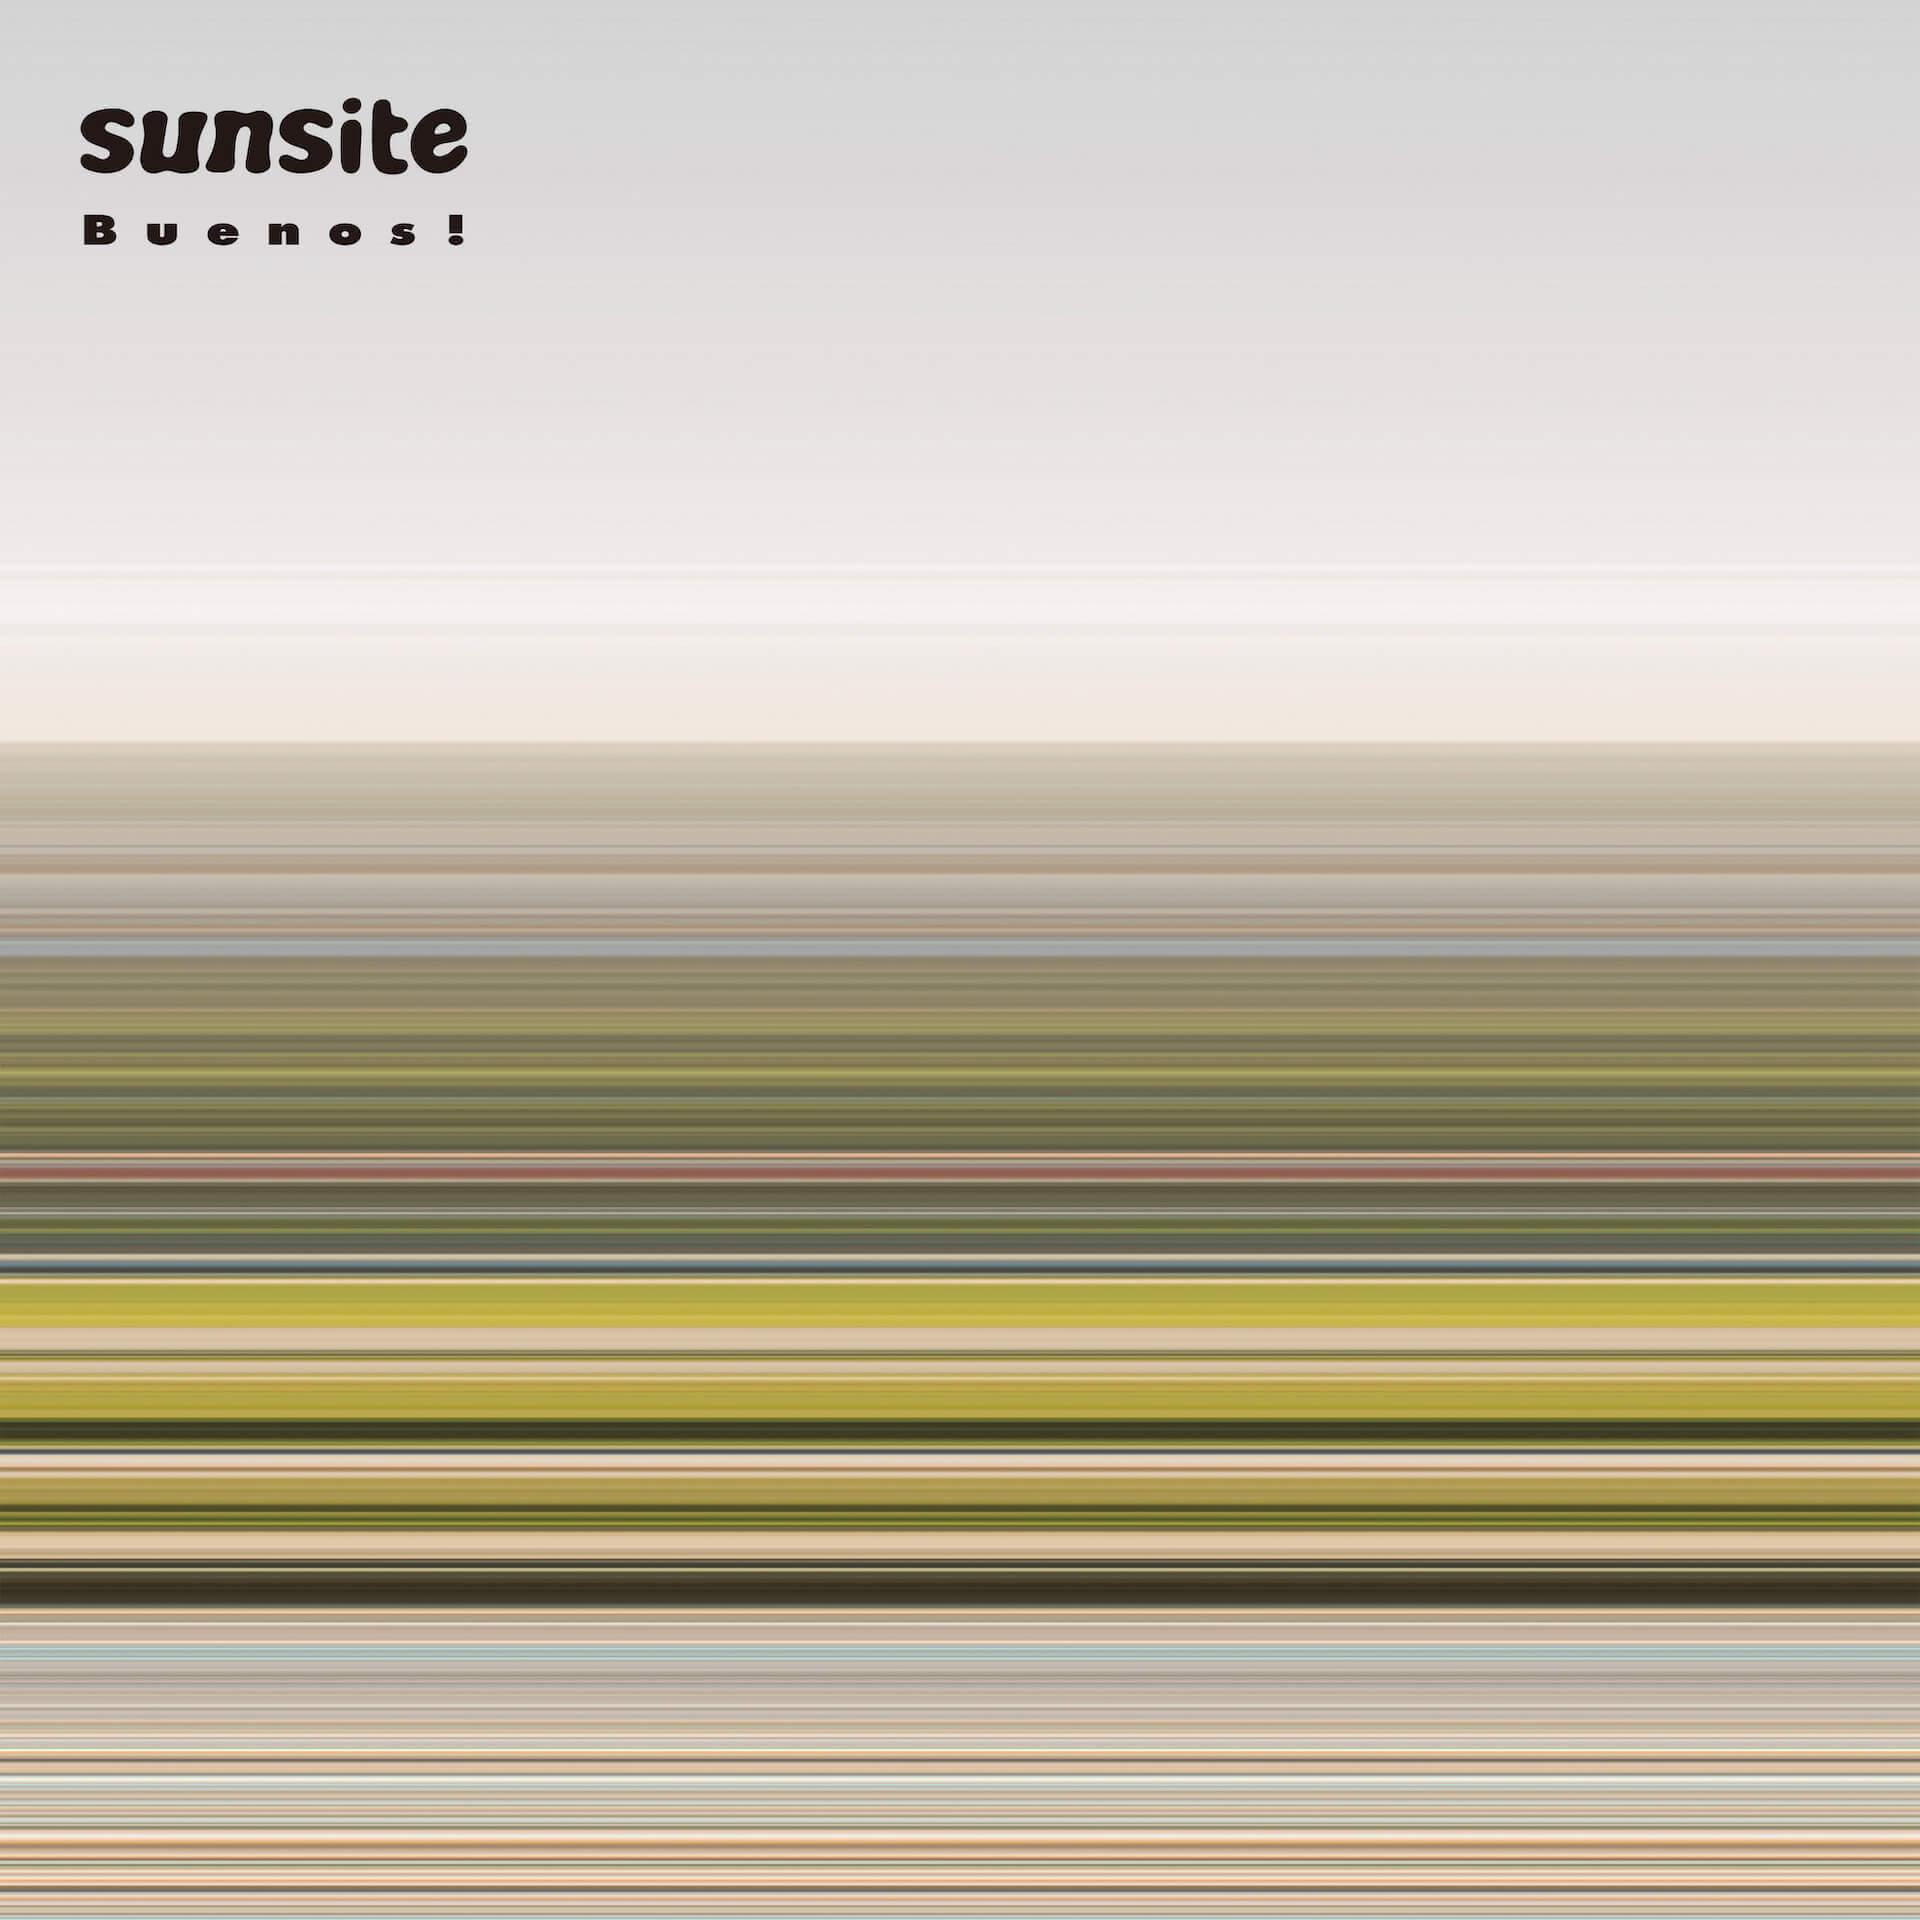 sunsiteの1stアルバム『Buenos!』発売記念!オリジナルTシャツがタワーレコードにて限定販売決定 music210506_sunsite-210506_3